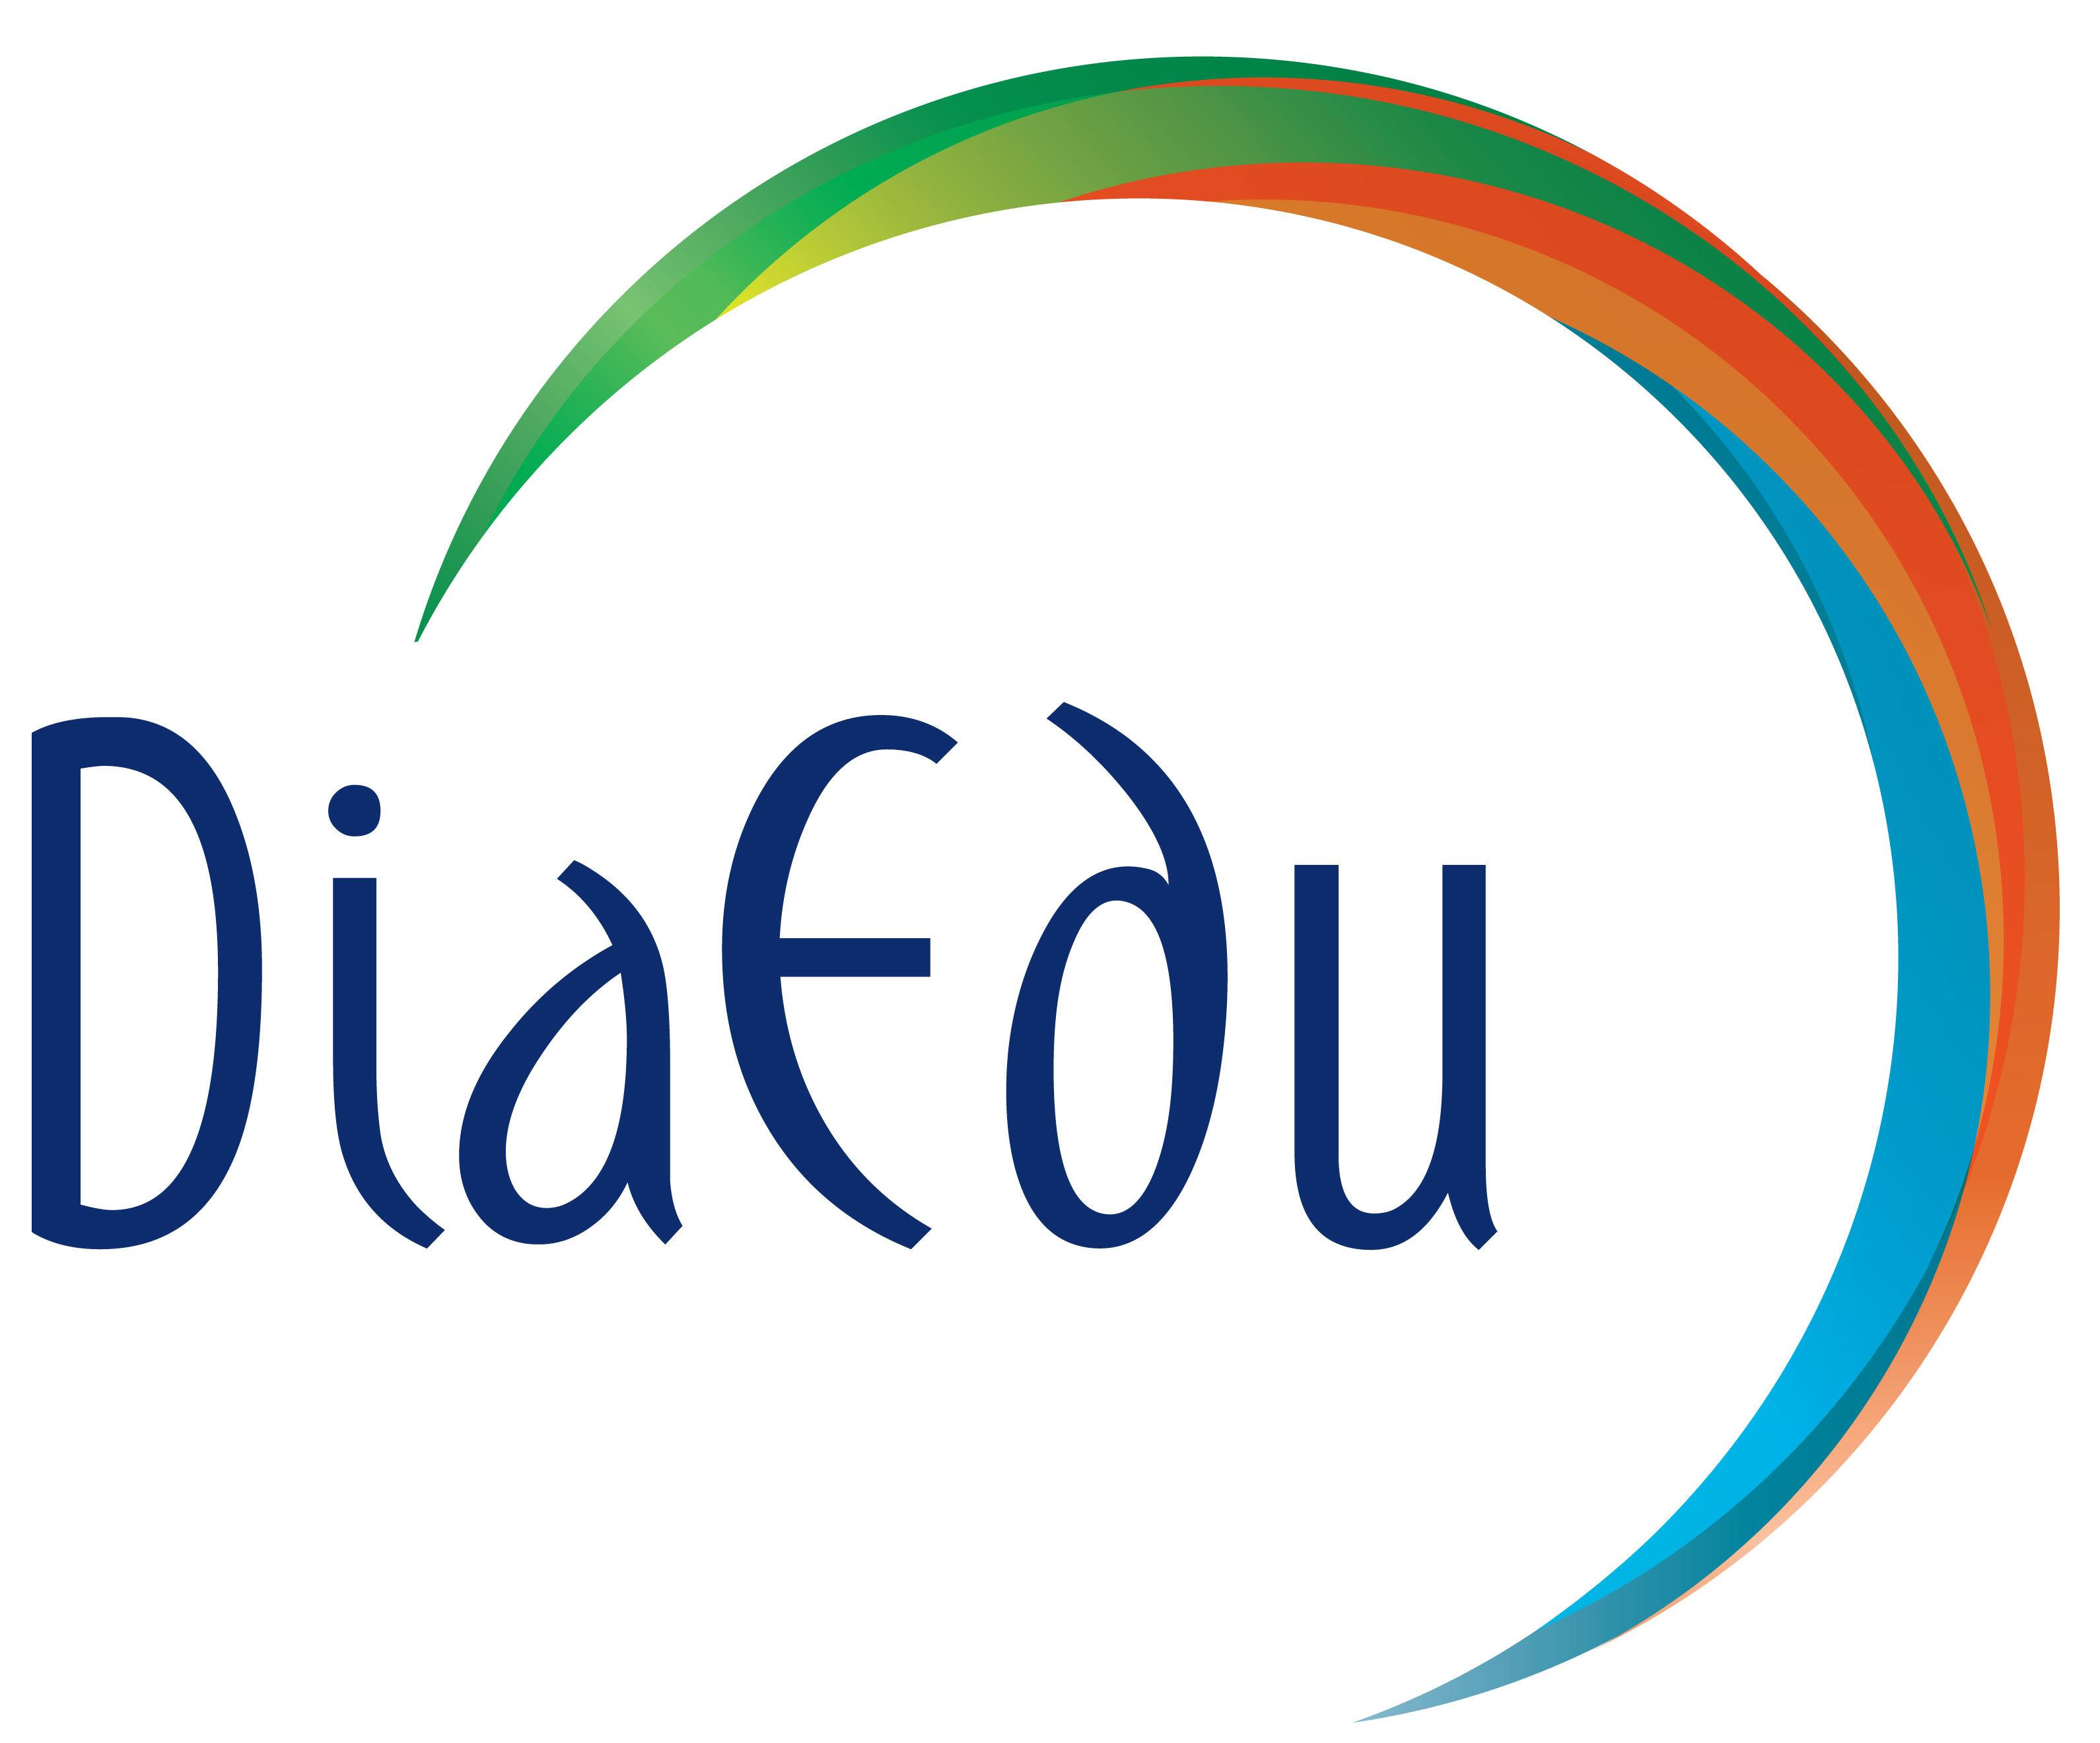 DiaEdu